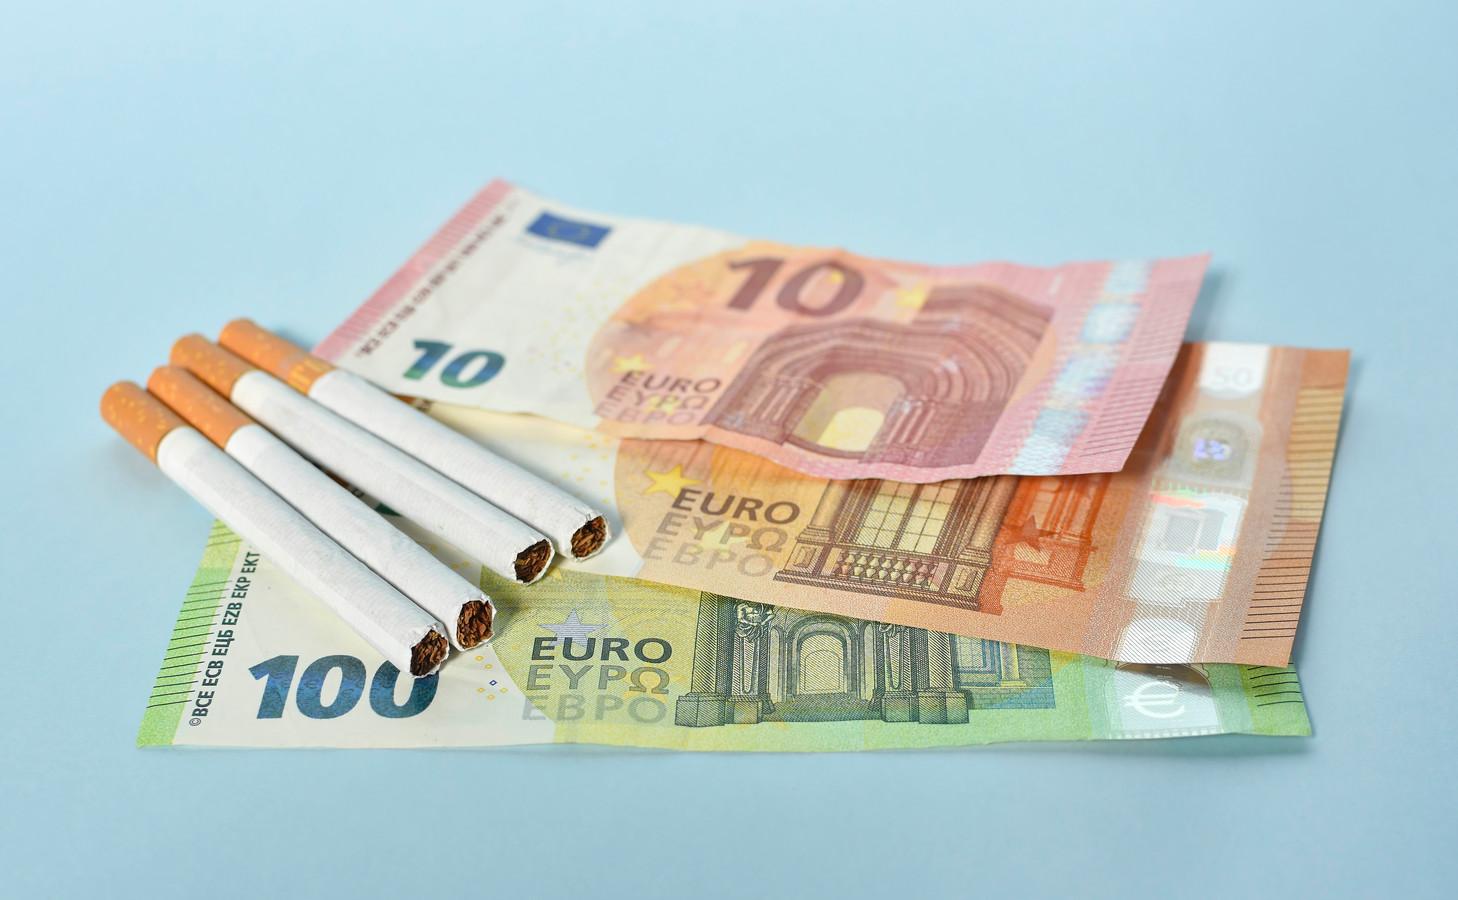 Sigaretten worden steeds duurder, maar roken kan je ook flink op kosten jagen bij de overlijdensrisicoverzekering.